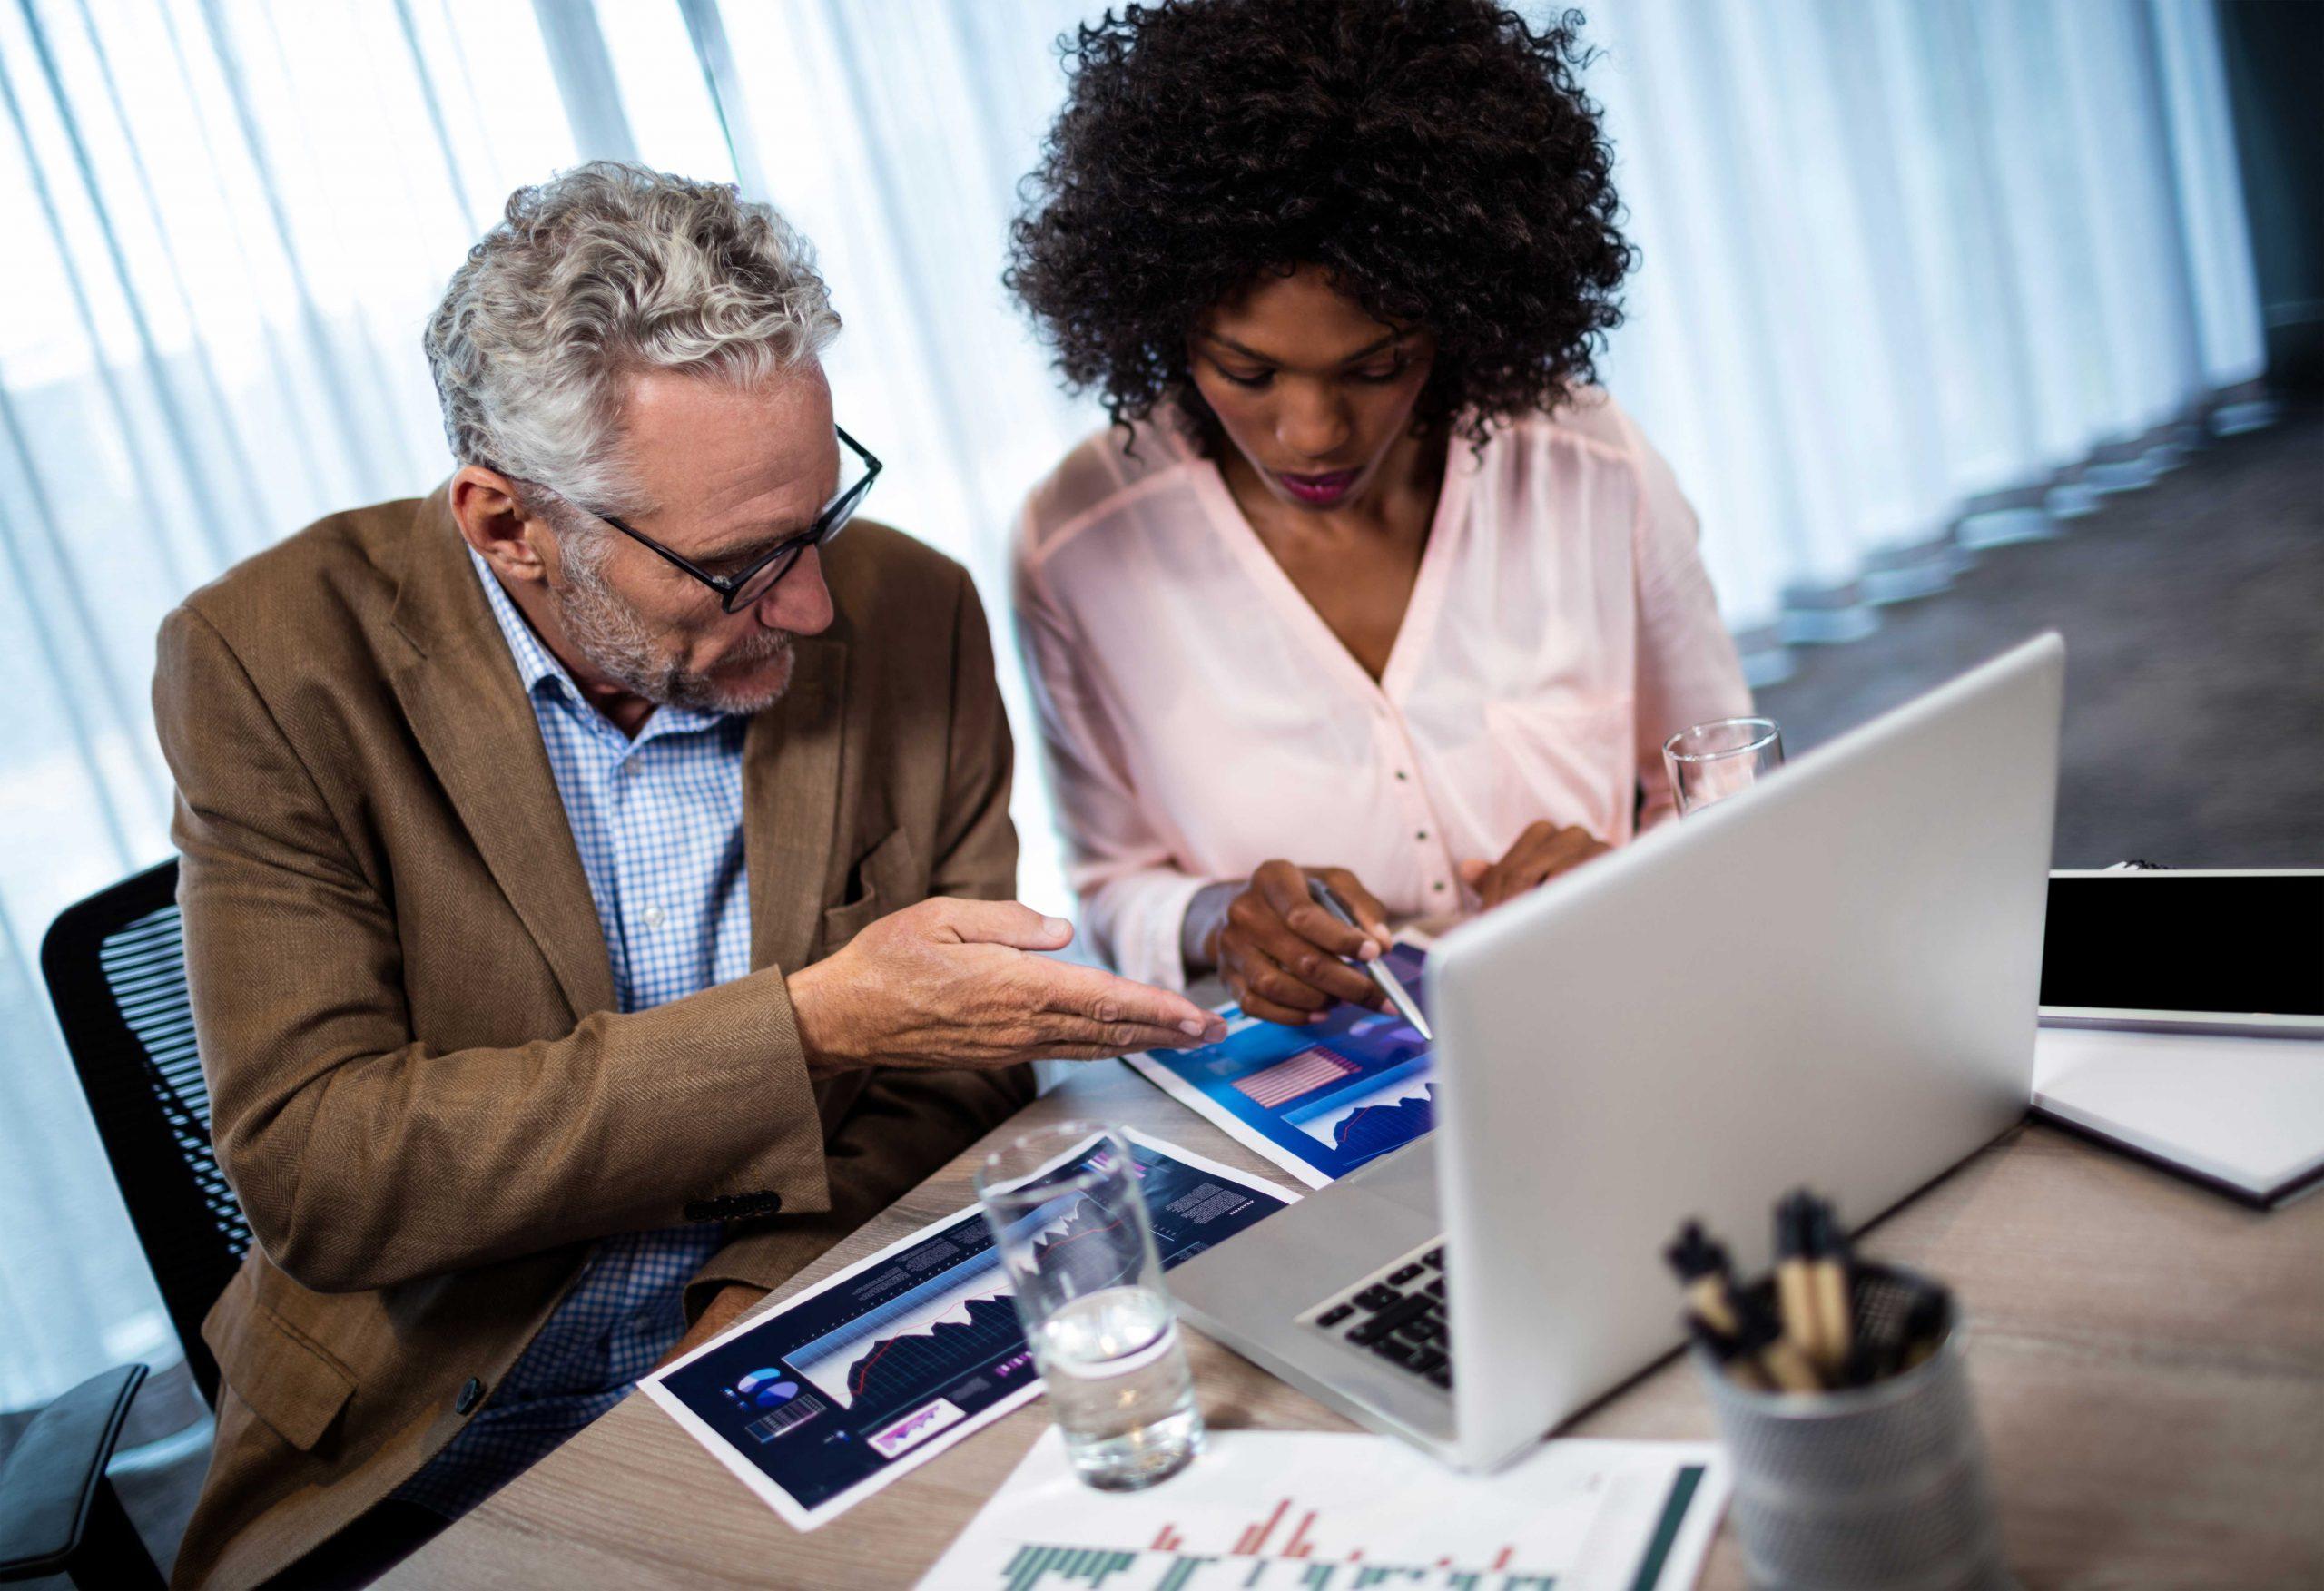 deux collaborateurs travaillent devant un ordinateur